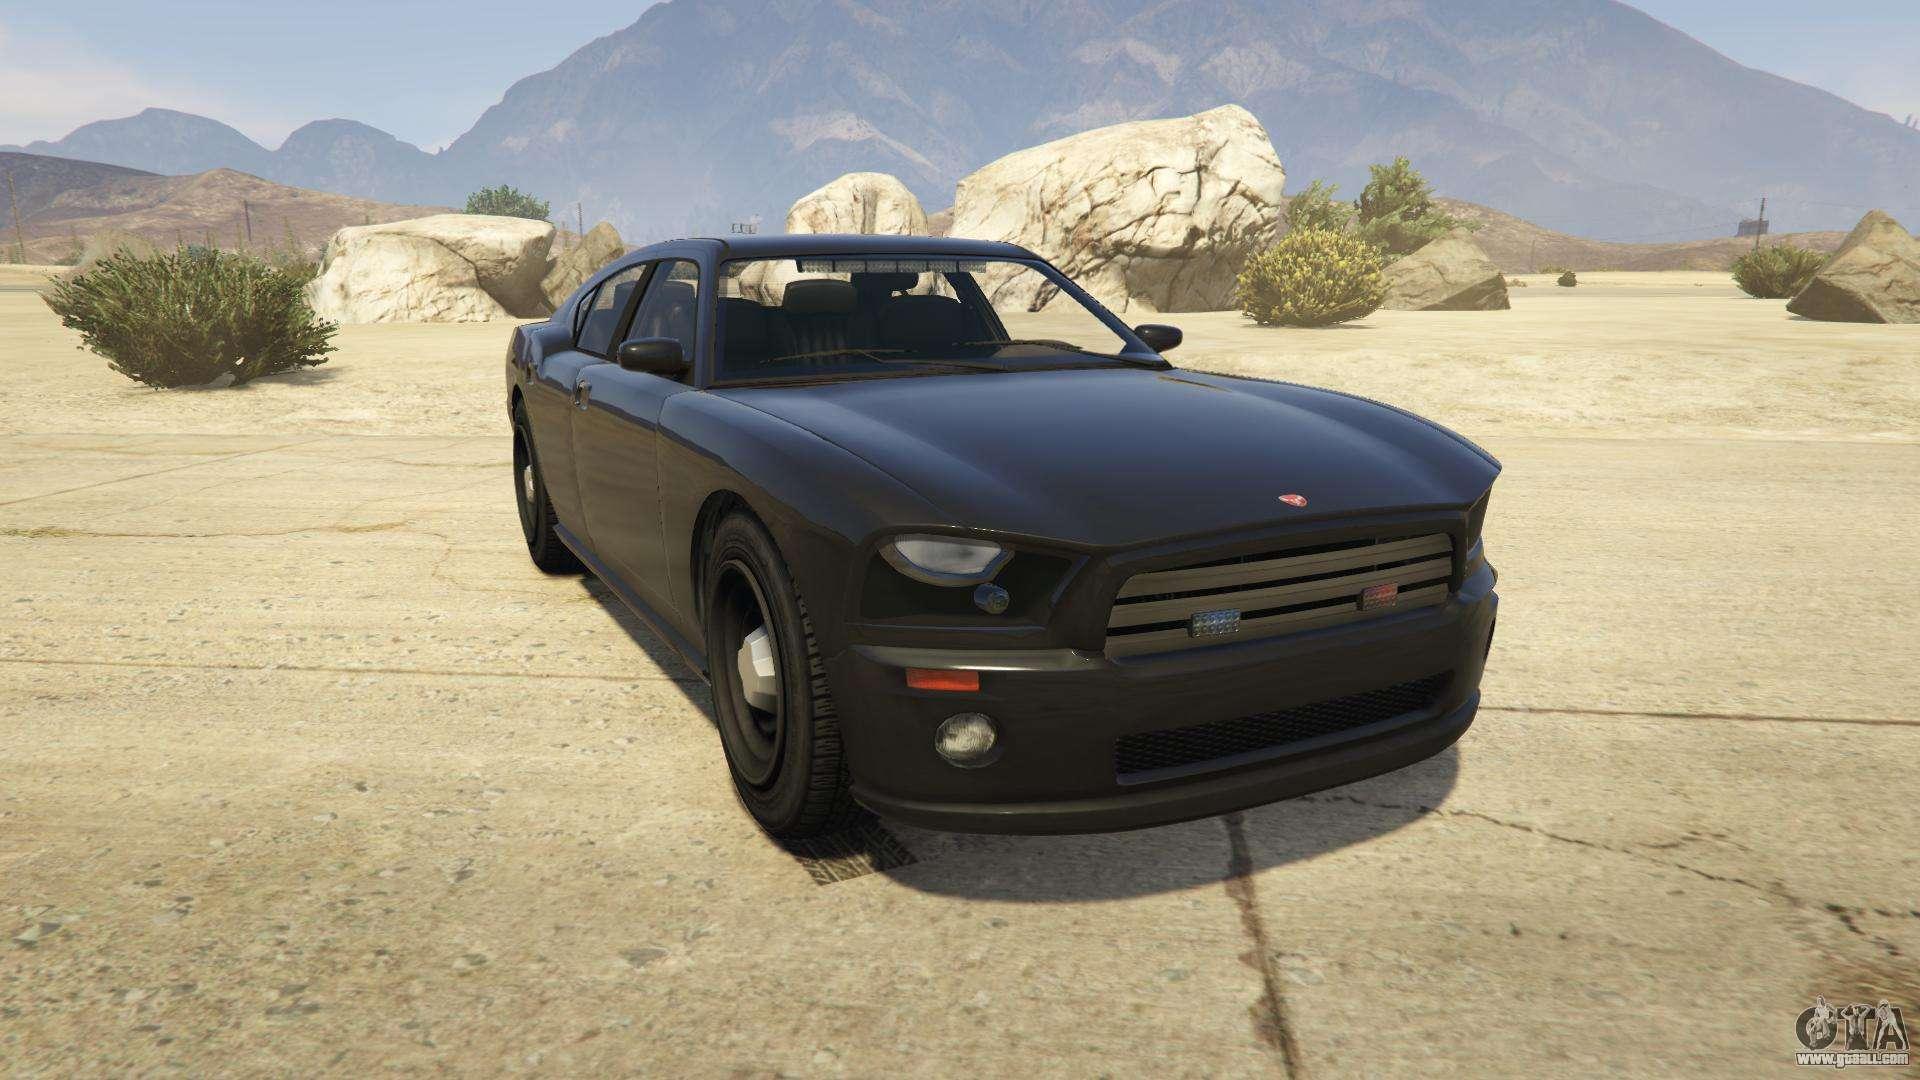 Gta Vice City Fib Car